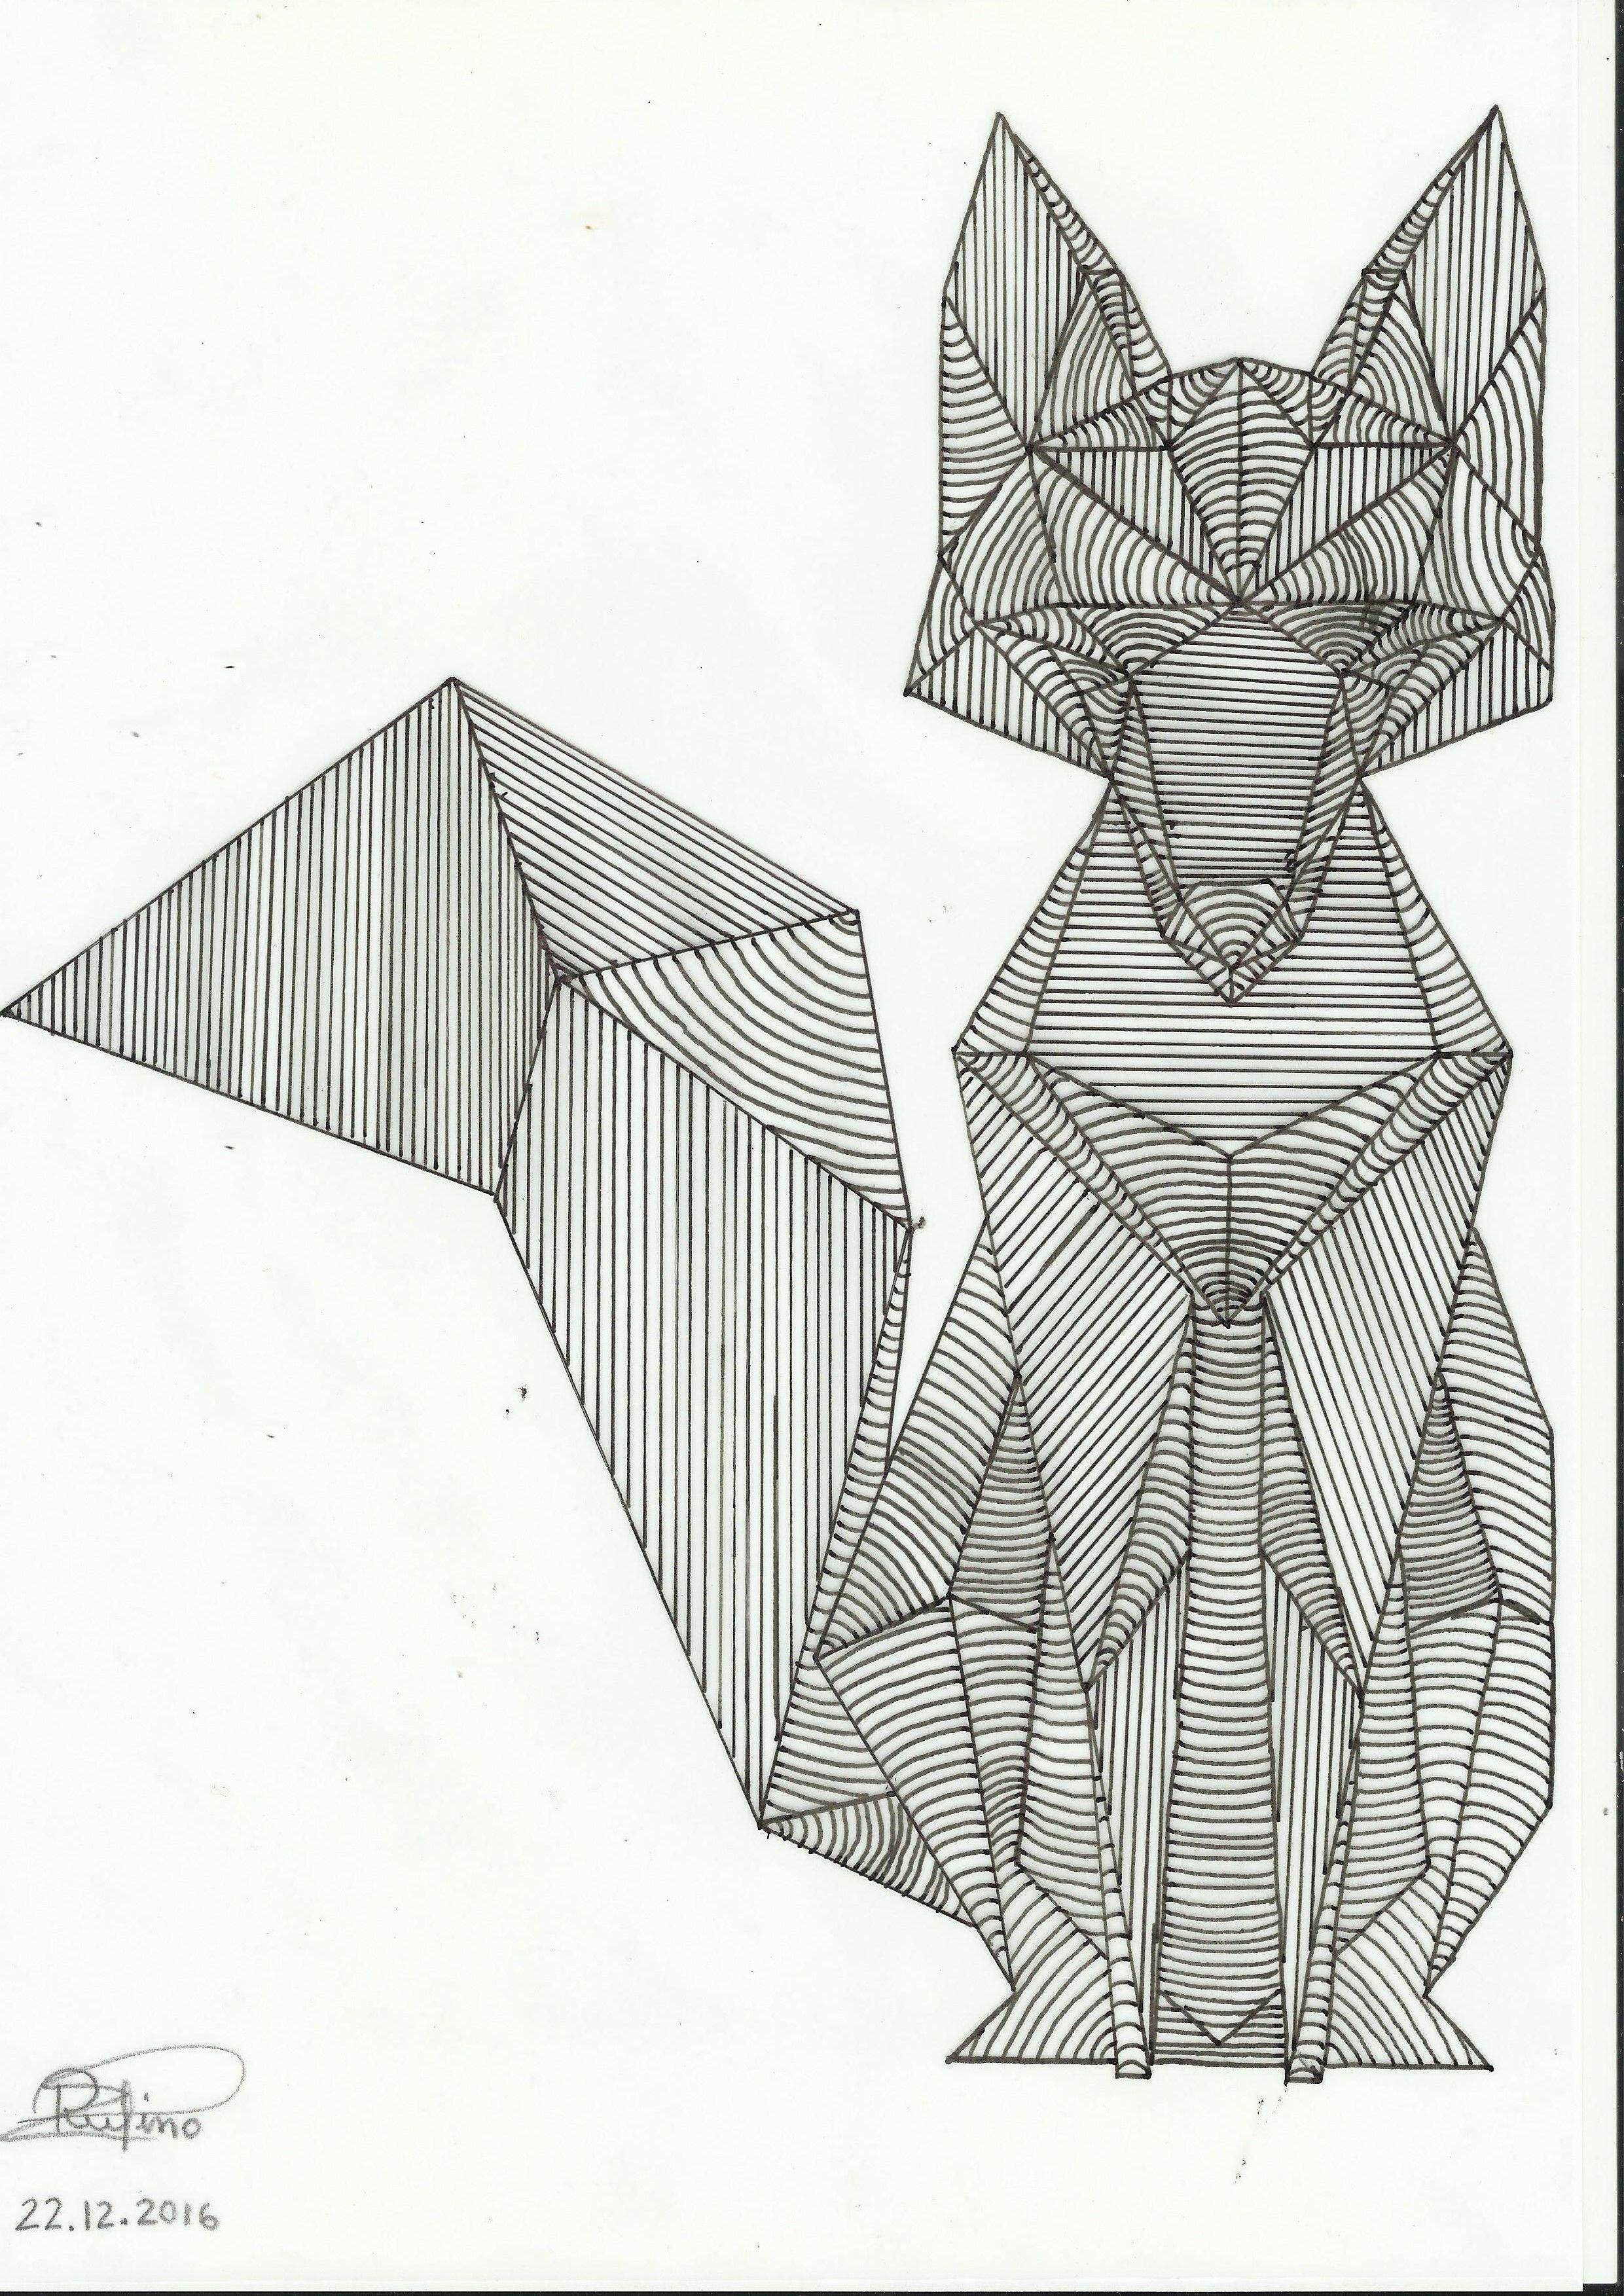 EJERCICIO 3. Dibujo lineal a mano alzada de composición figurativa ...